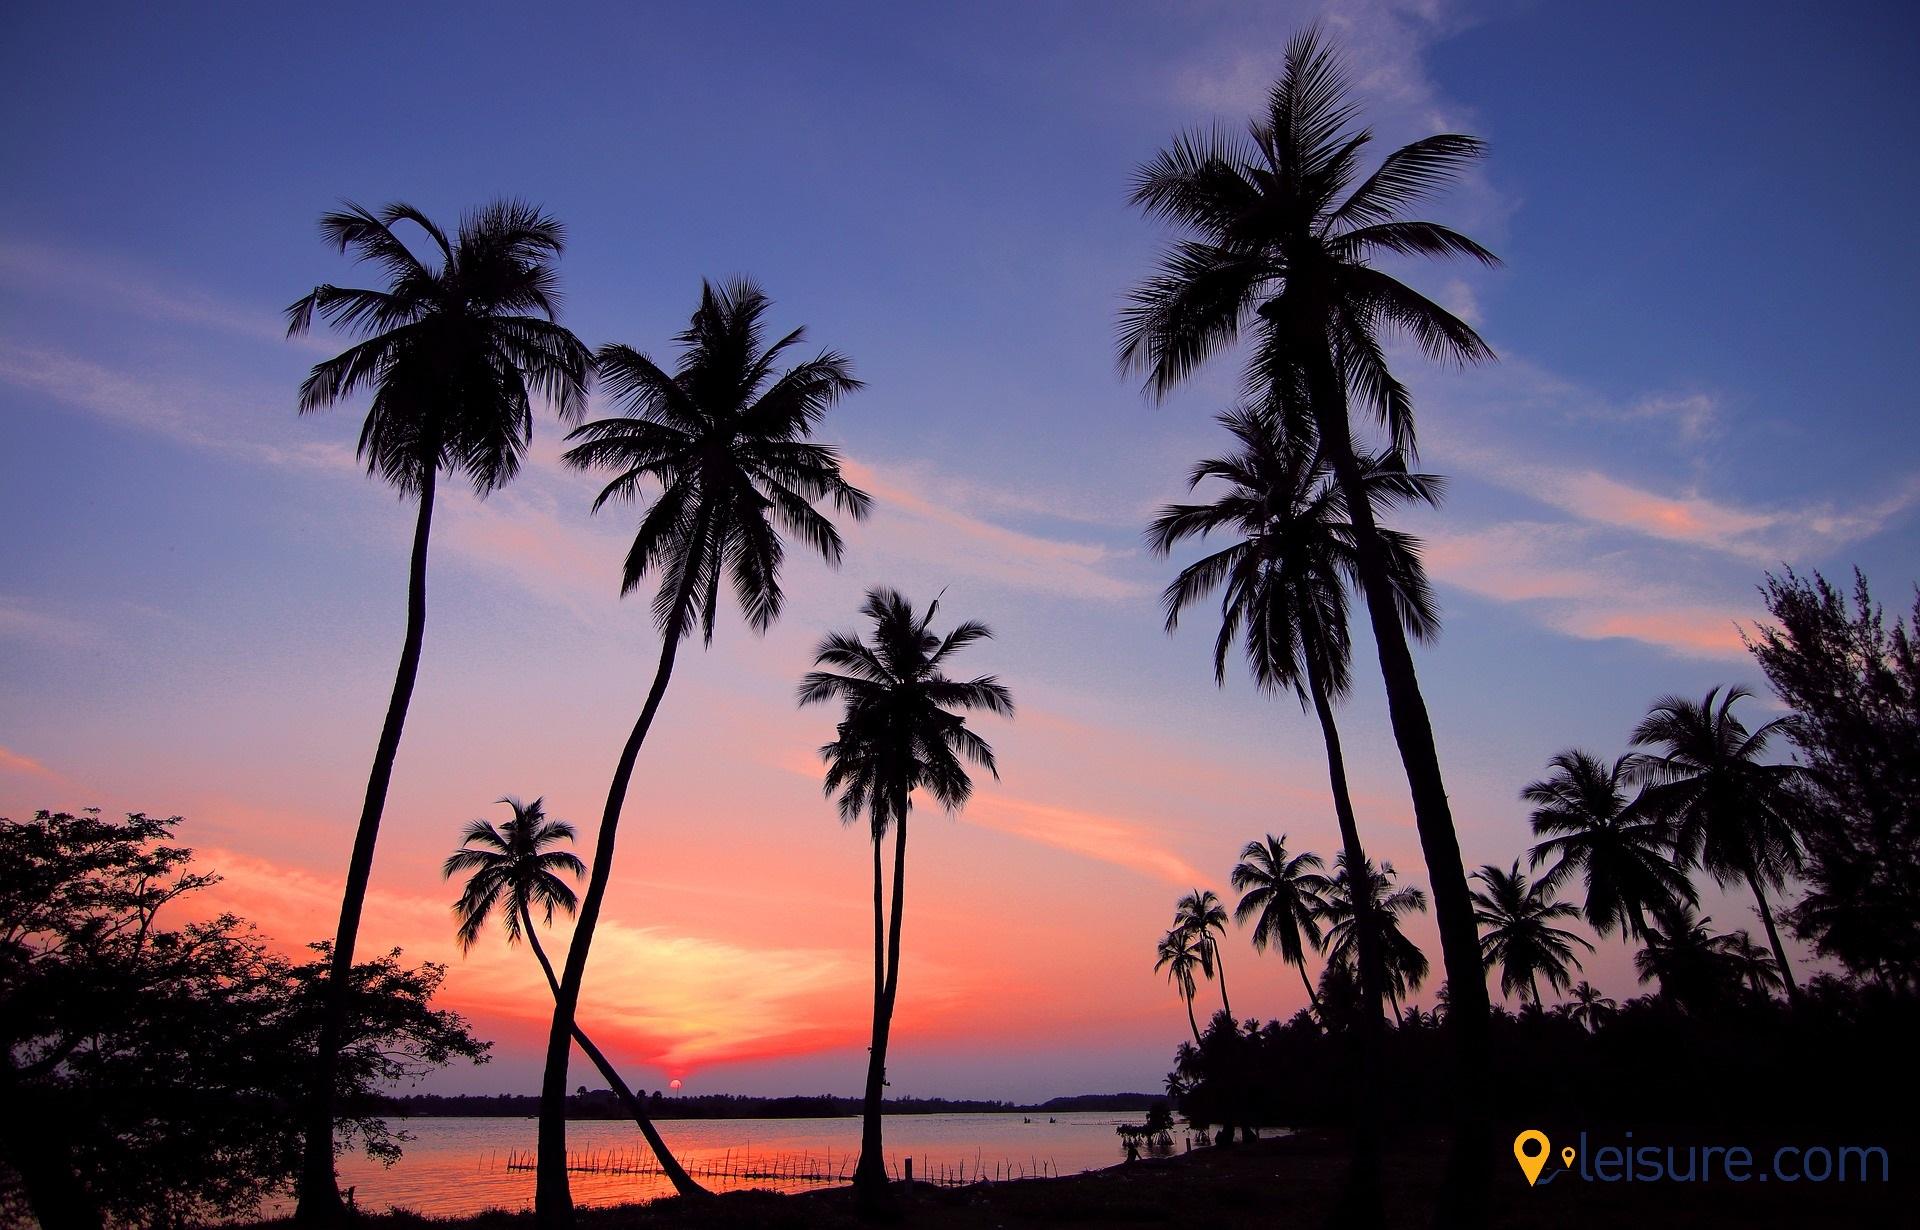 srilanka sunset